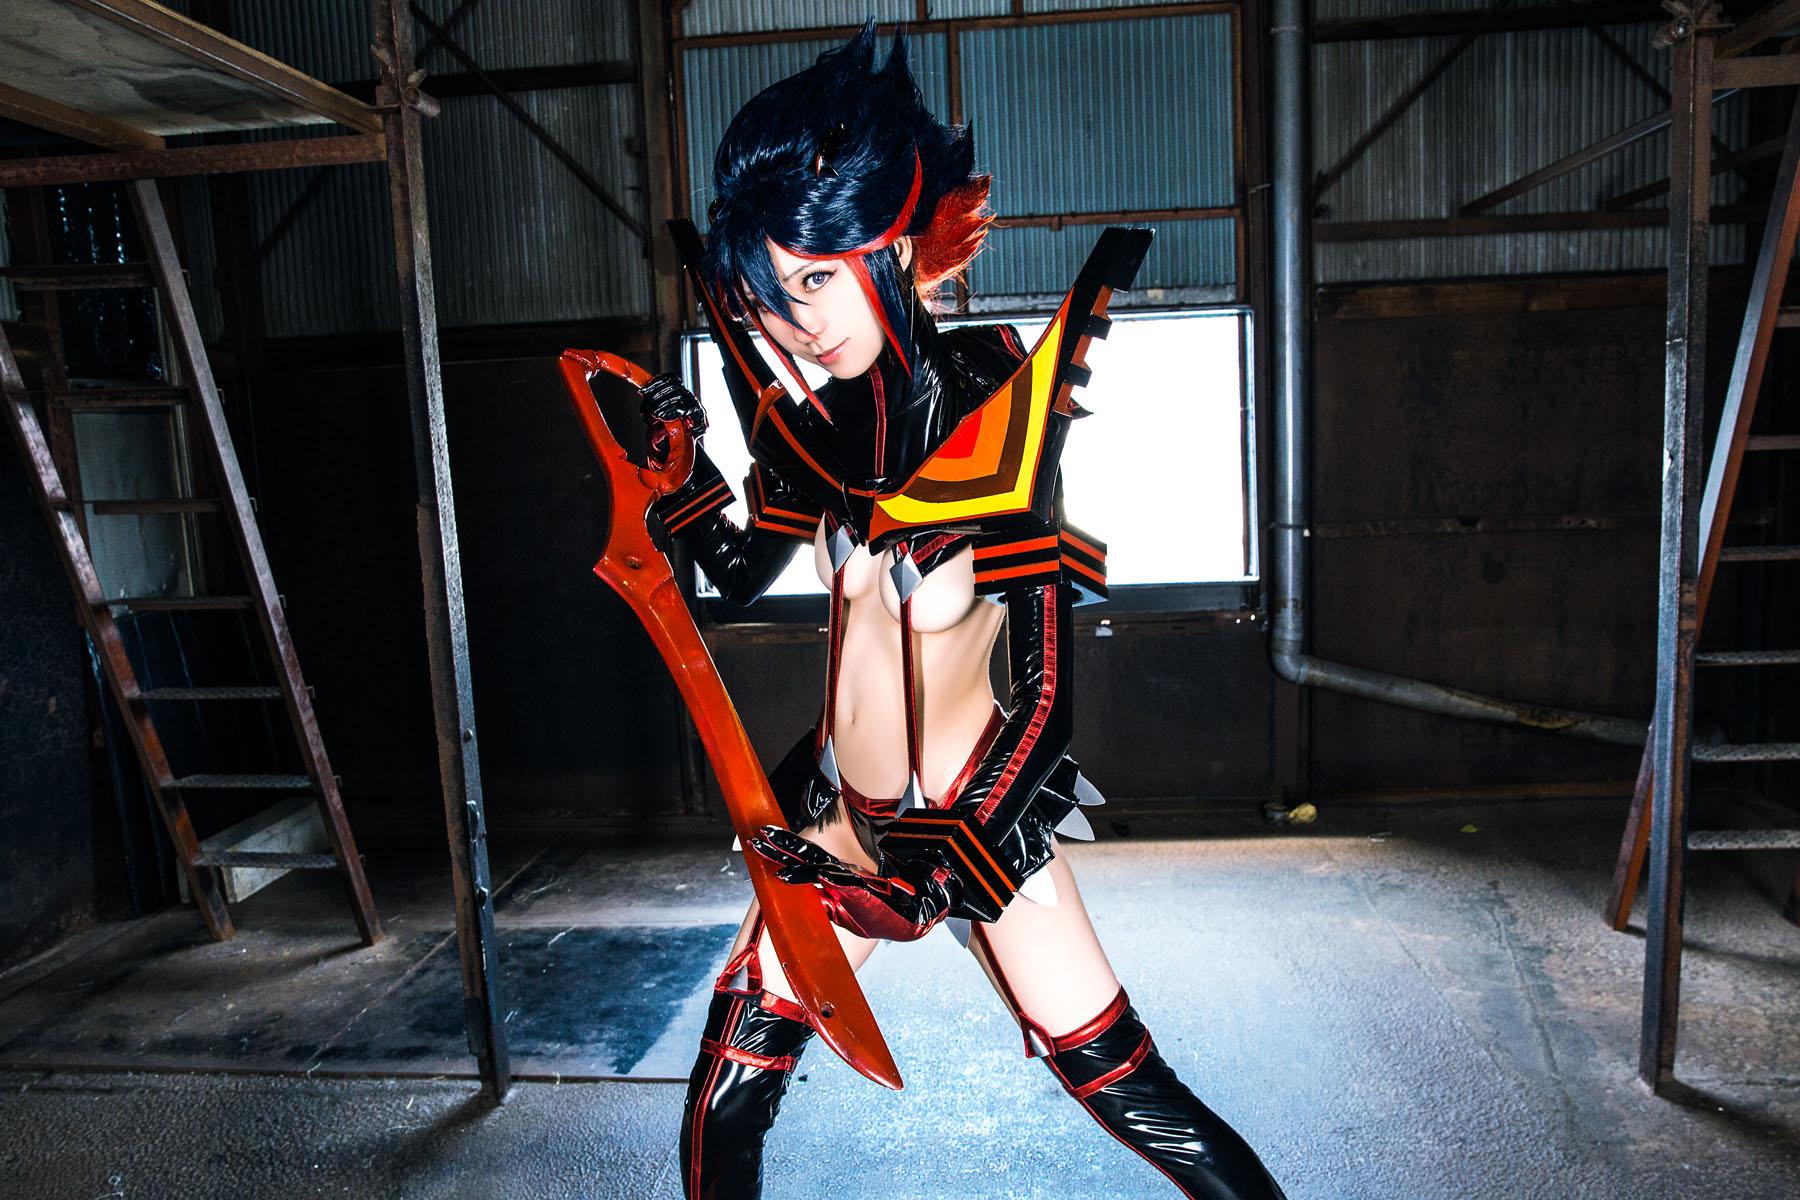 Kill la Kill Ryuuko Matoi anime cosplay by Mikehouse 0005